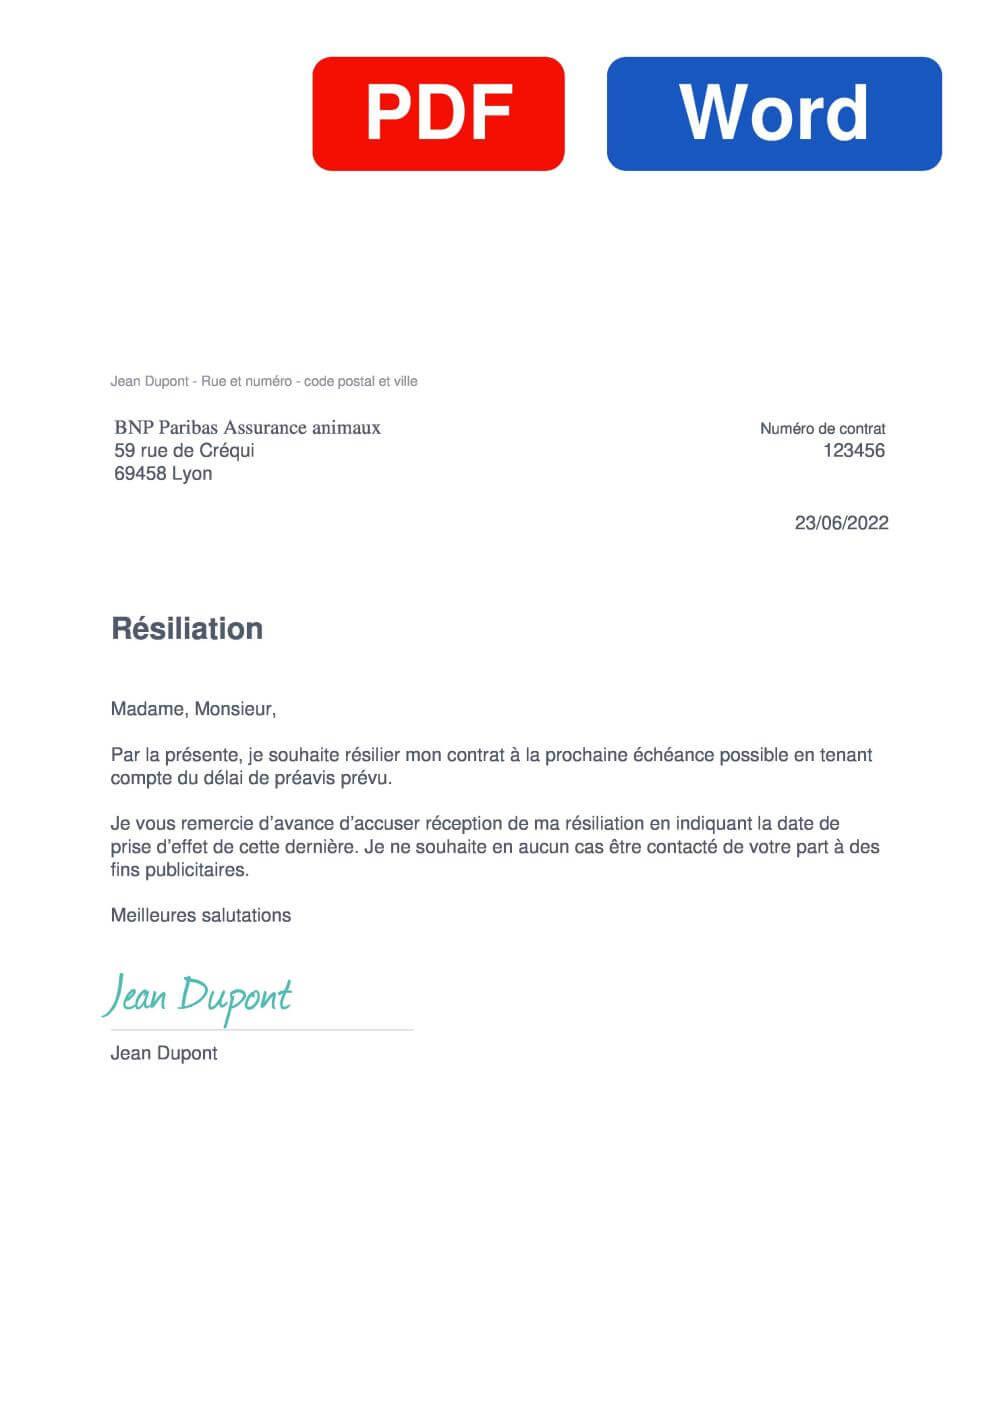 BNP Paribas Santé Animaux Assurance Modèle de lettre de résiliation